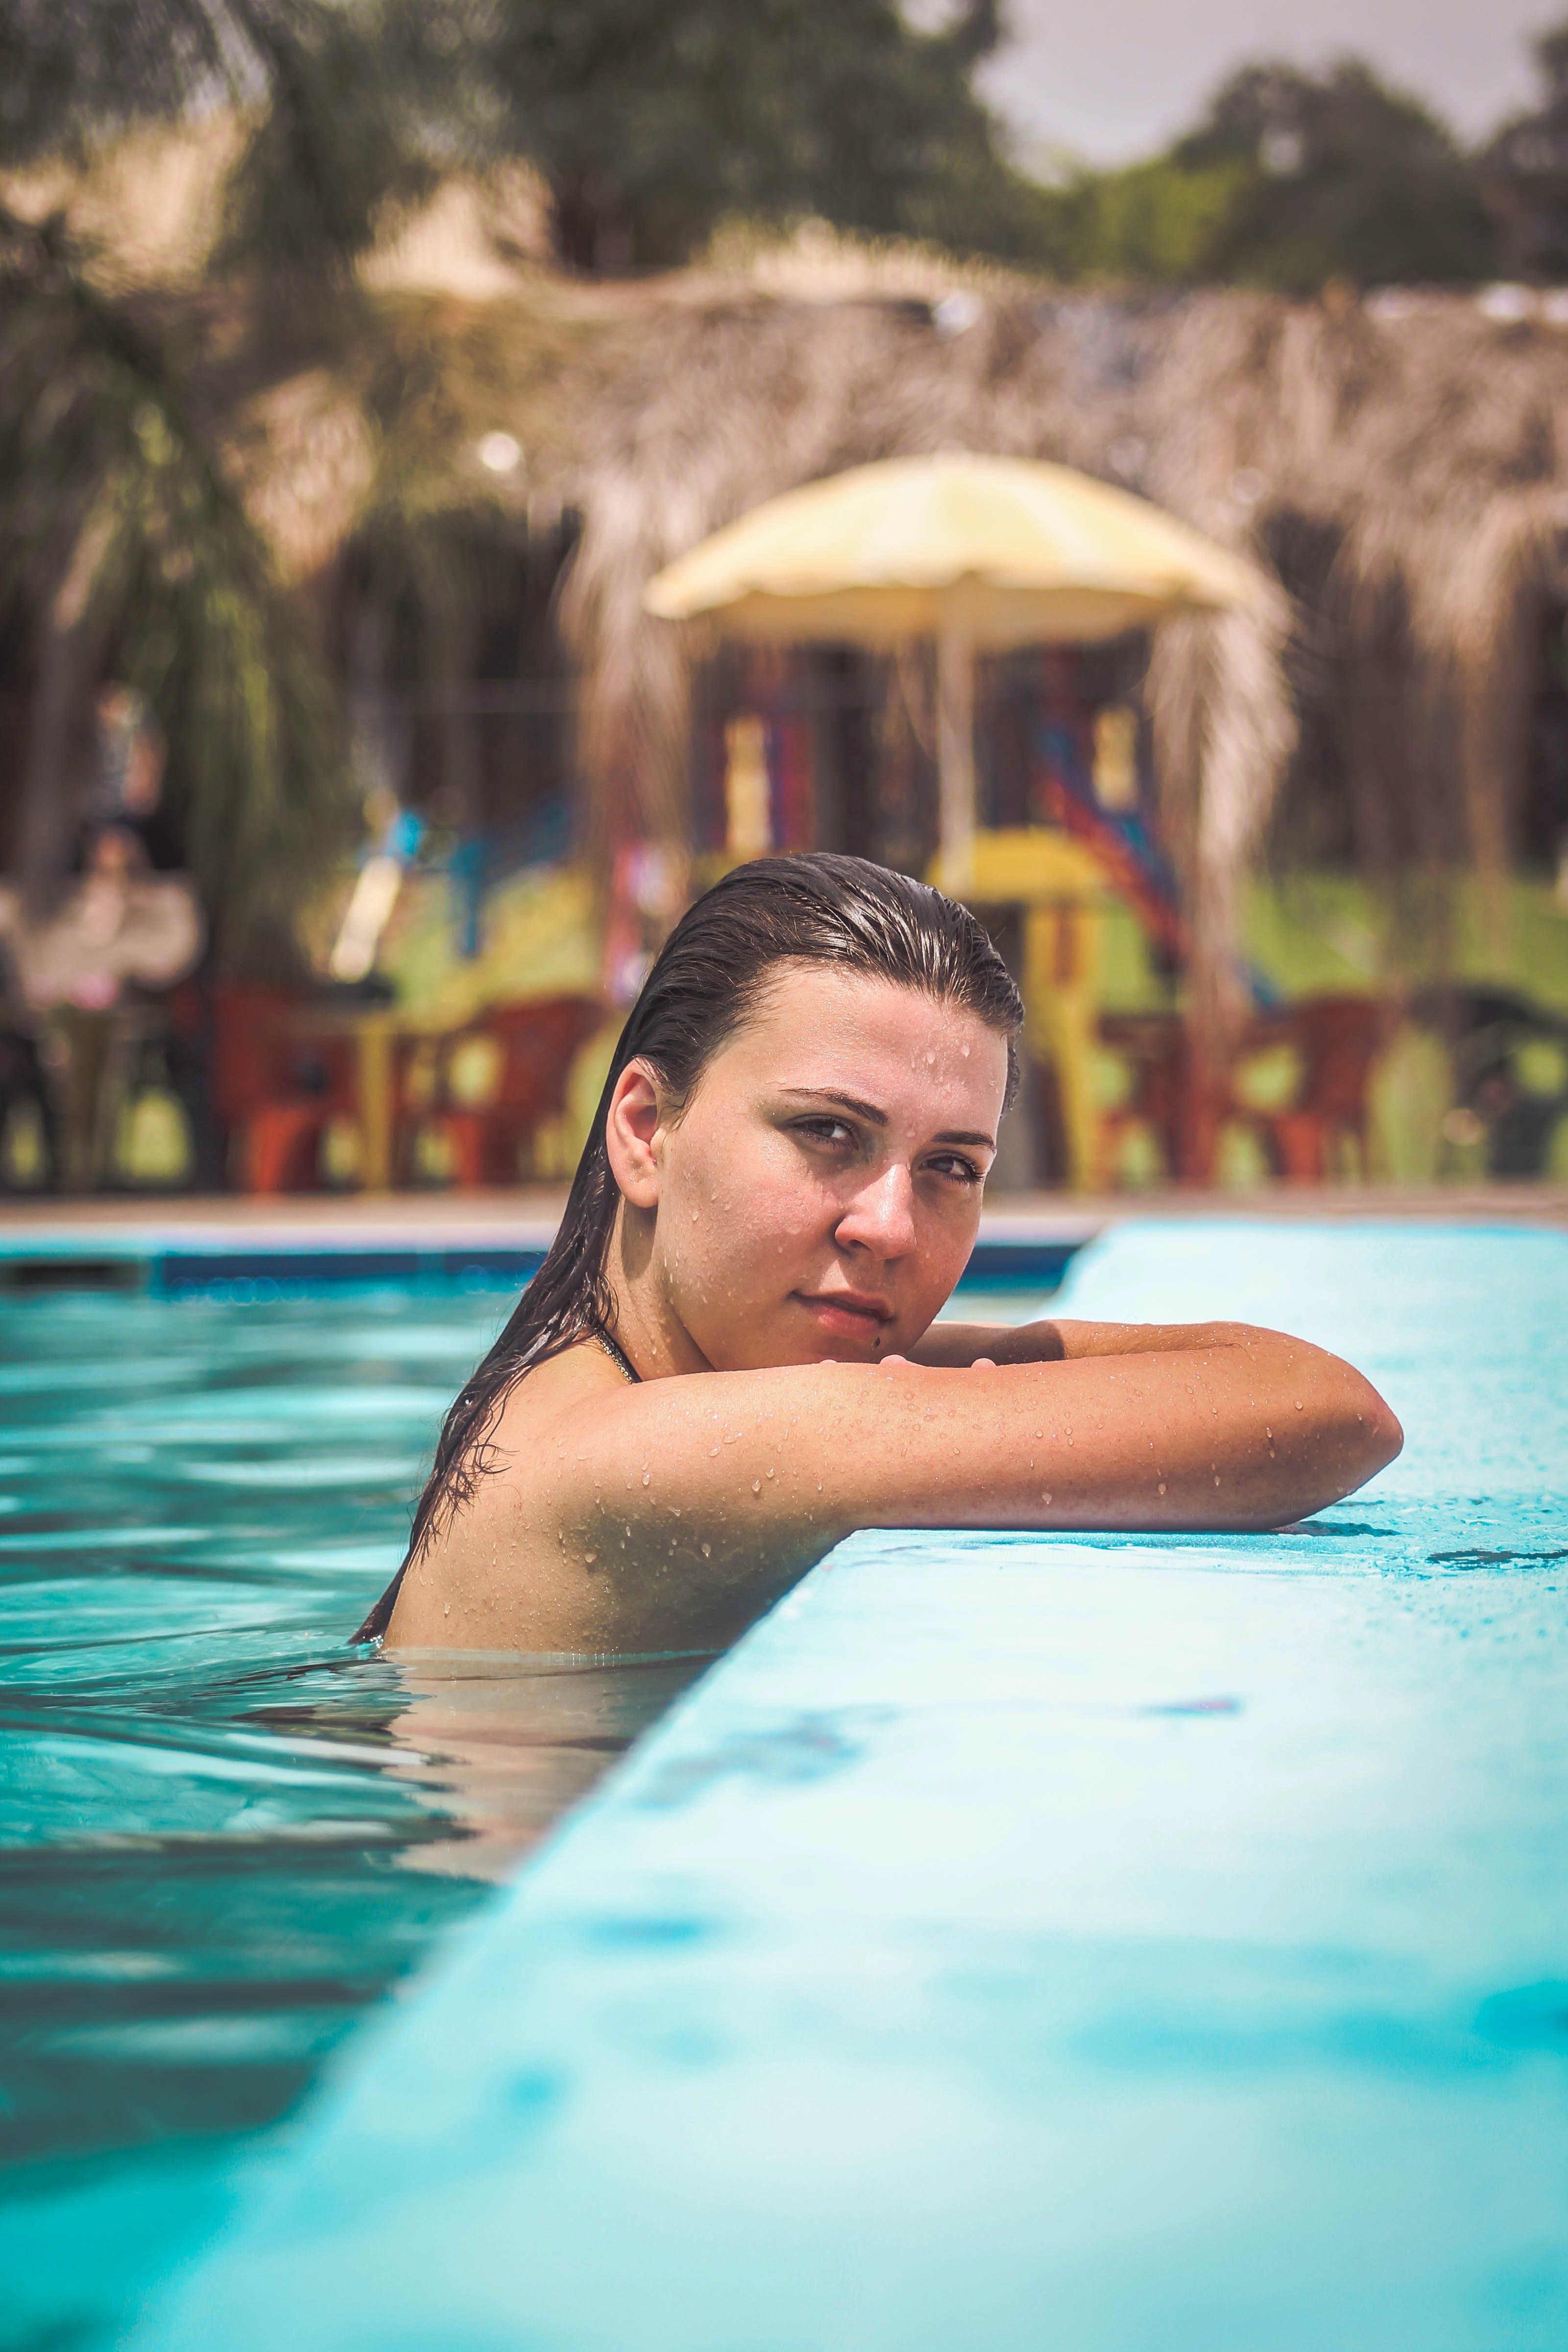 H2O, 경치가 좋은, 더그아웃 수영장, 라틴계 여자의 무료 스톡 사진